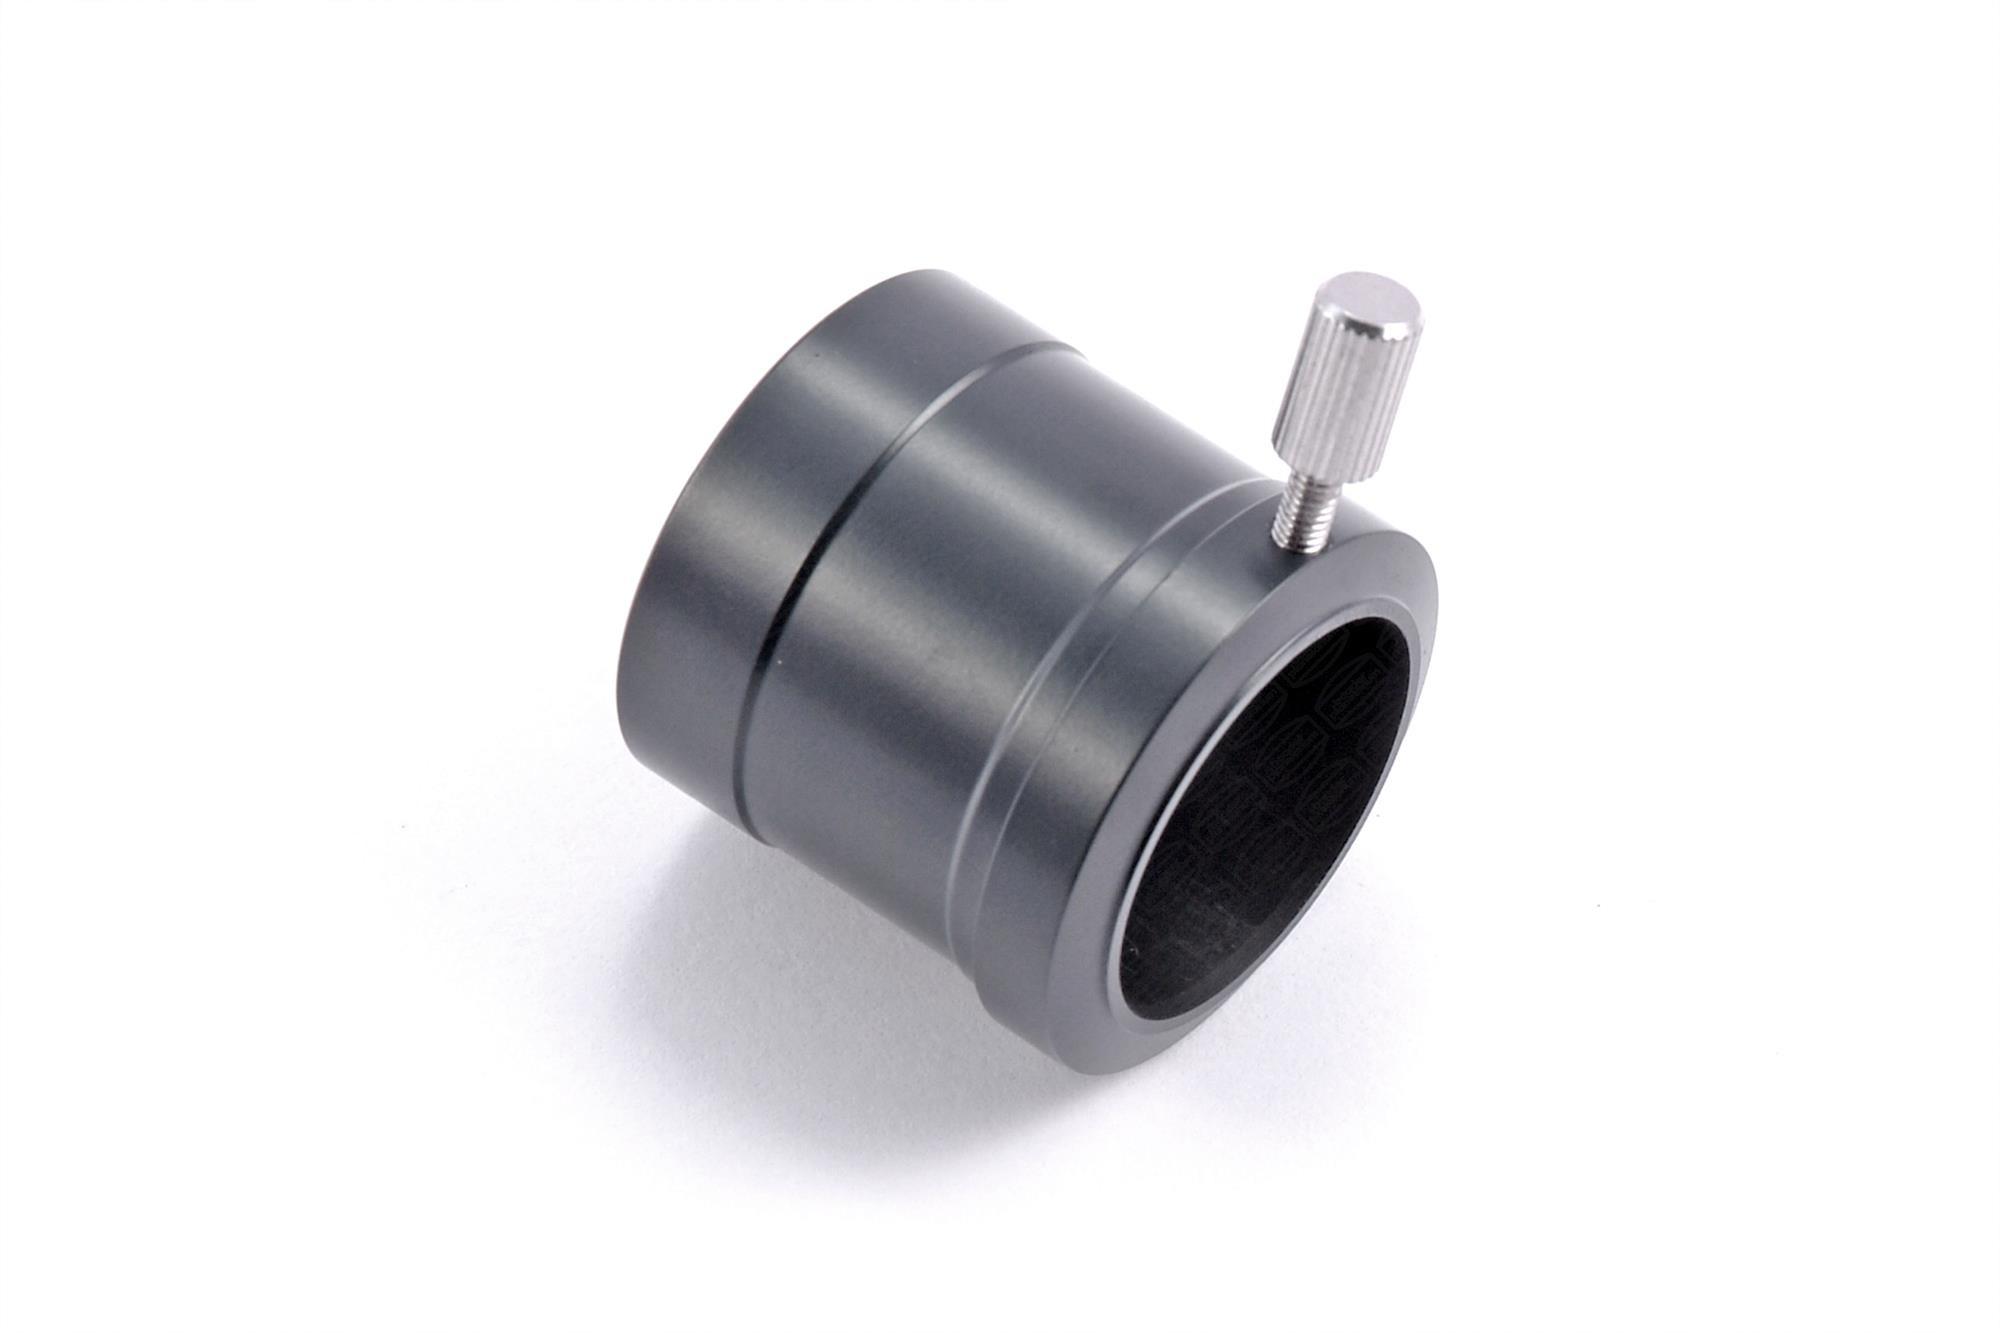 """Reduzierstück 1¼"""" auf 24,5 mm mit Filterhalter (T-2 Bauteil #10)"""